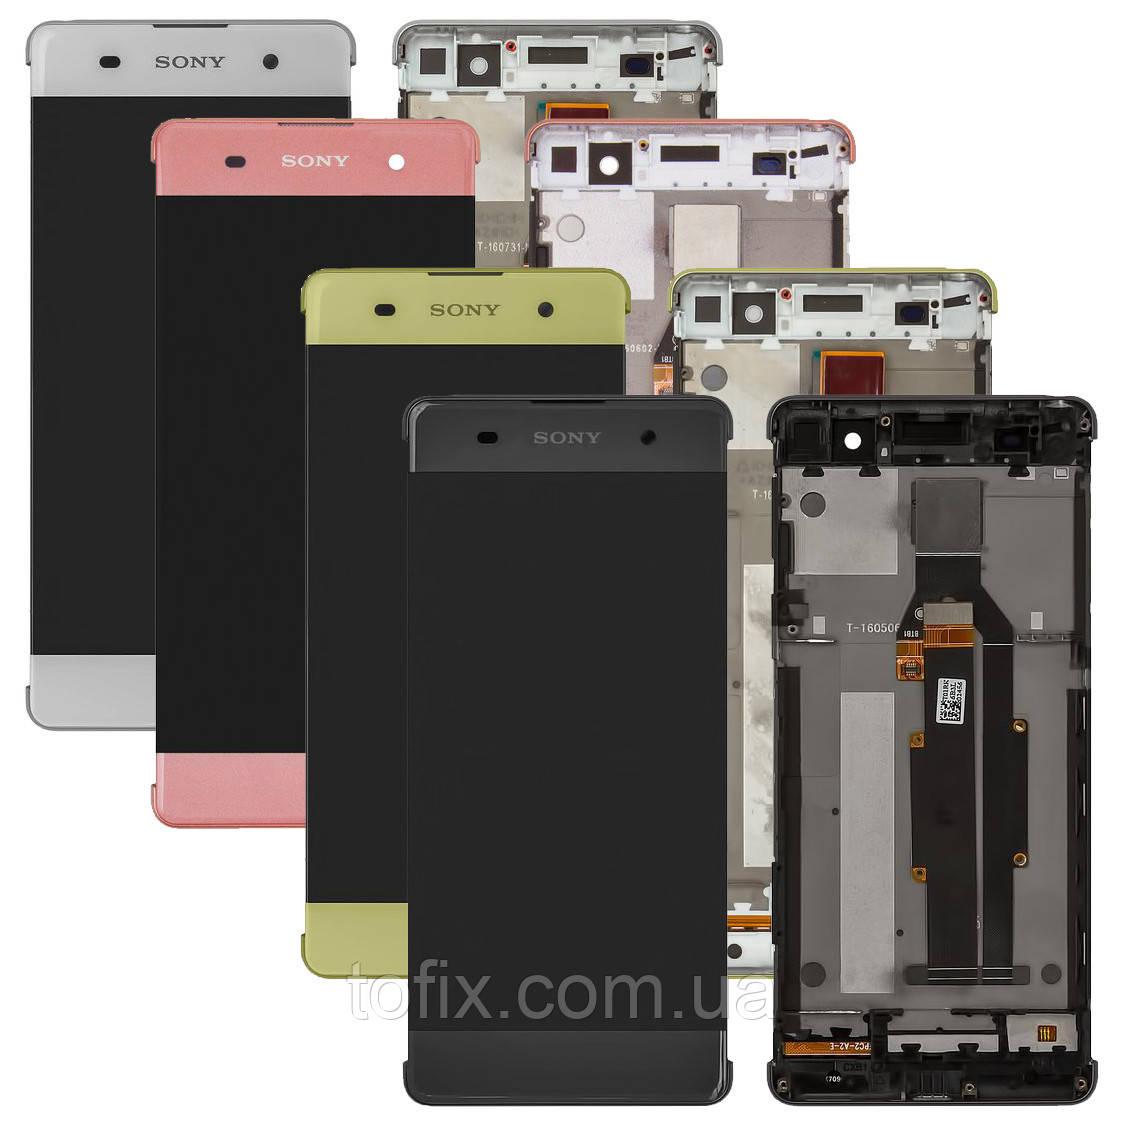 Дисплей для Sony Xperia XA F3111, F3112, F3113, F3115, F3116, модуль (экран и сенсор), с рамкой, оригинал